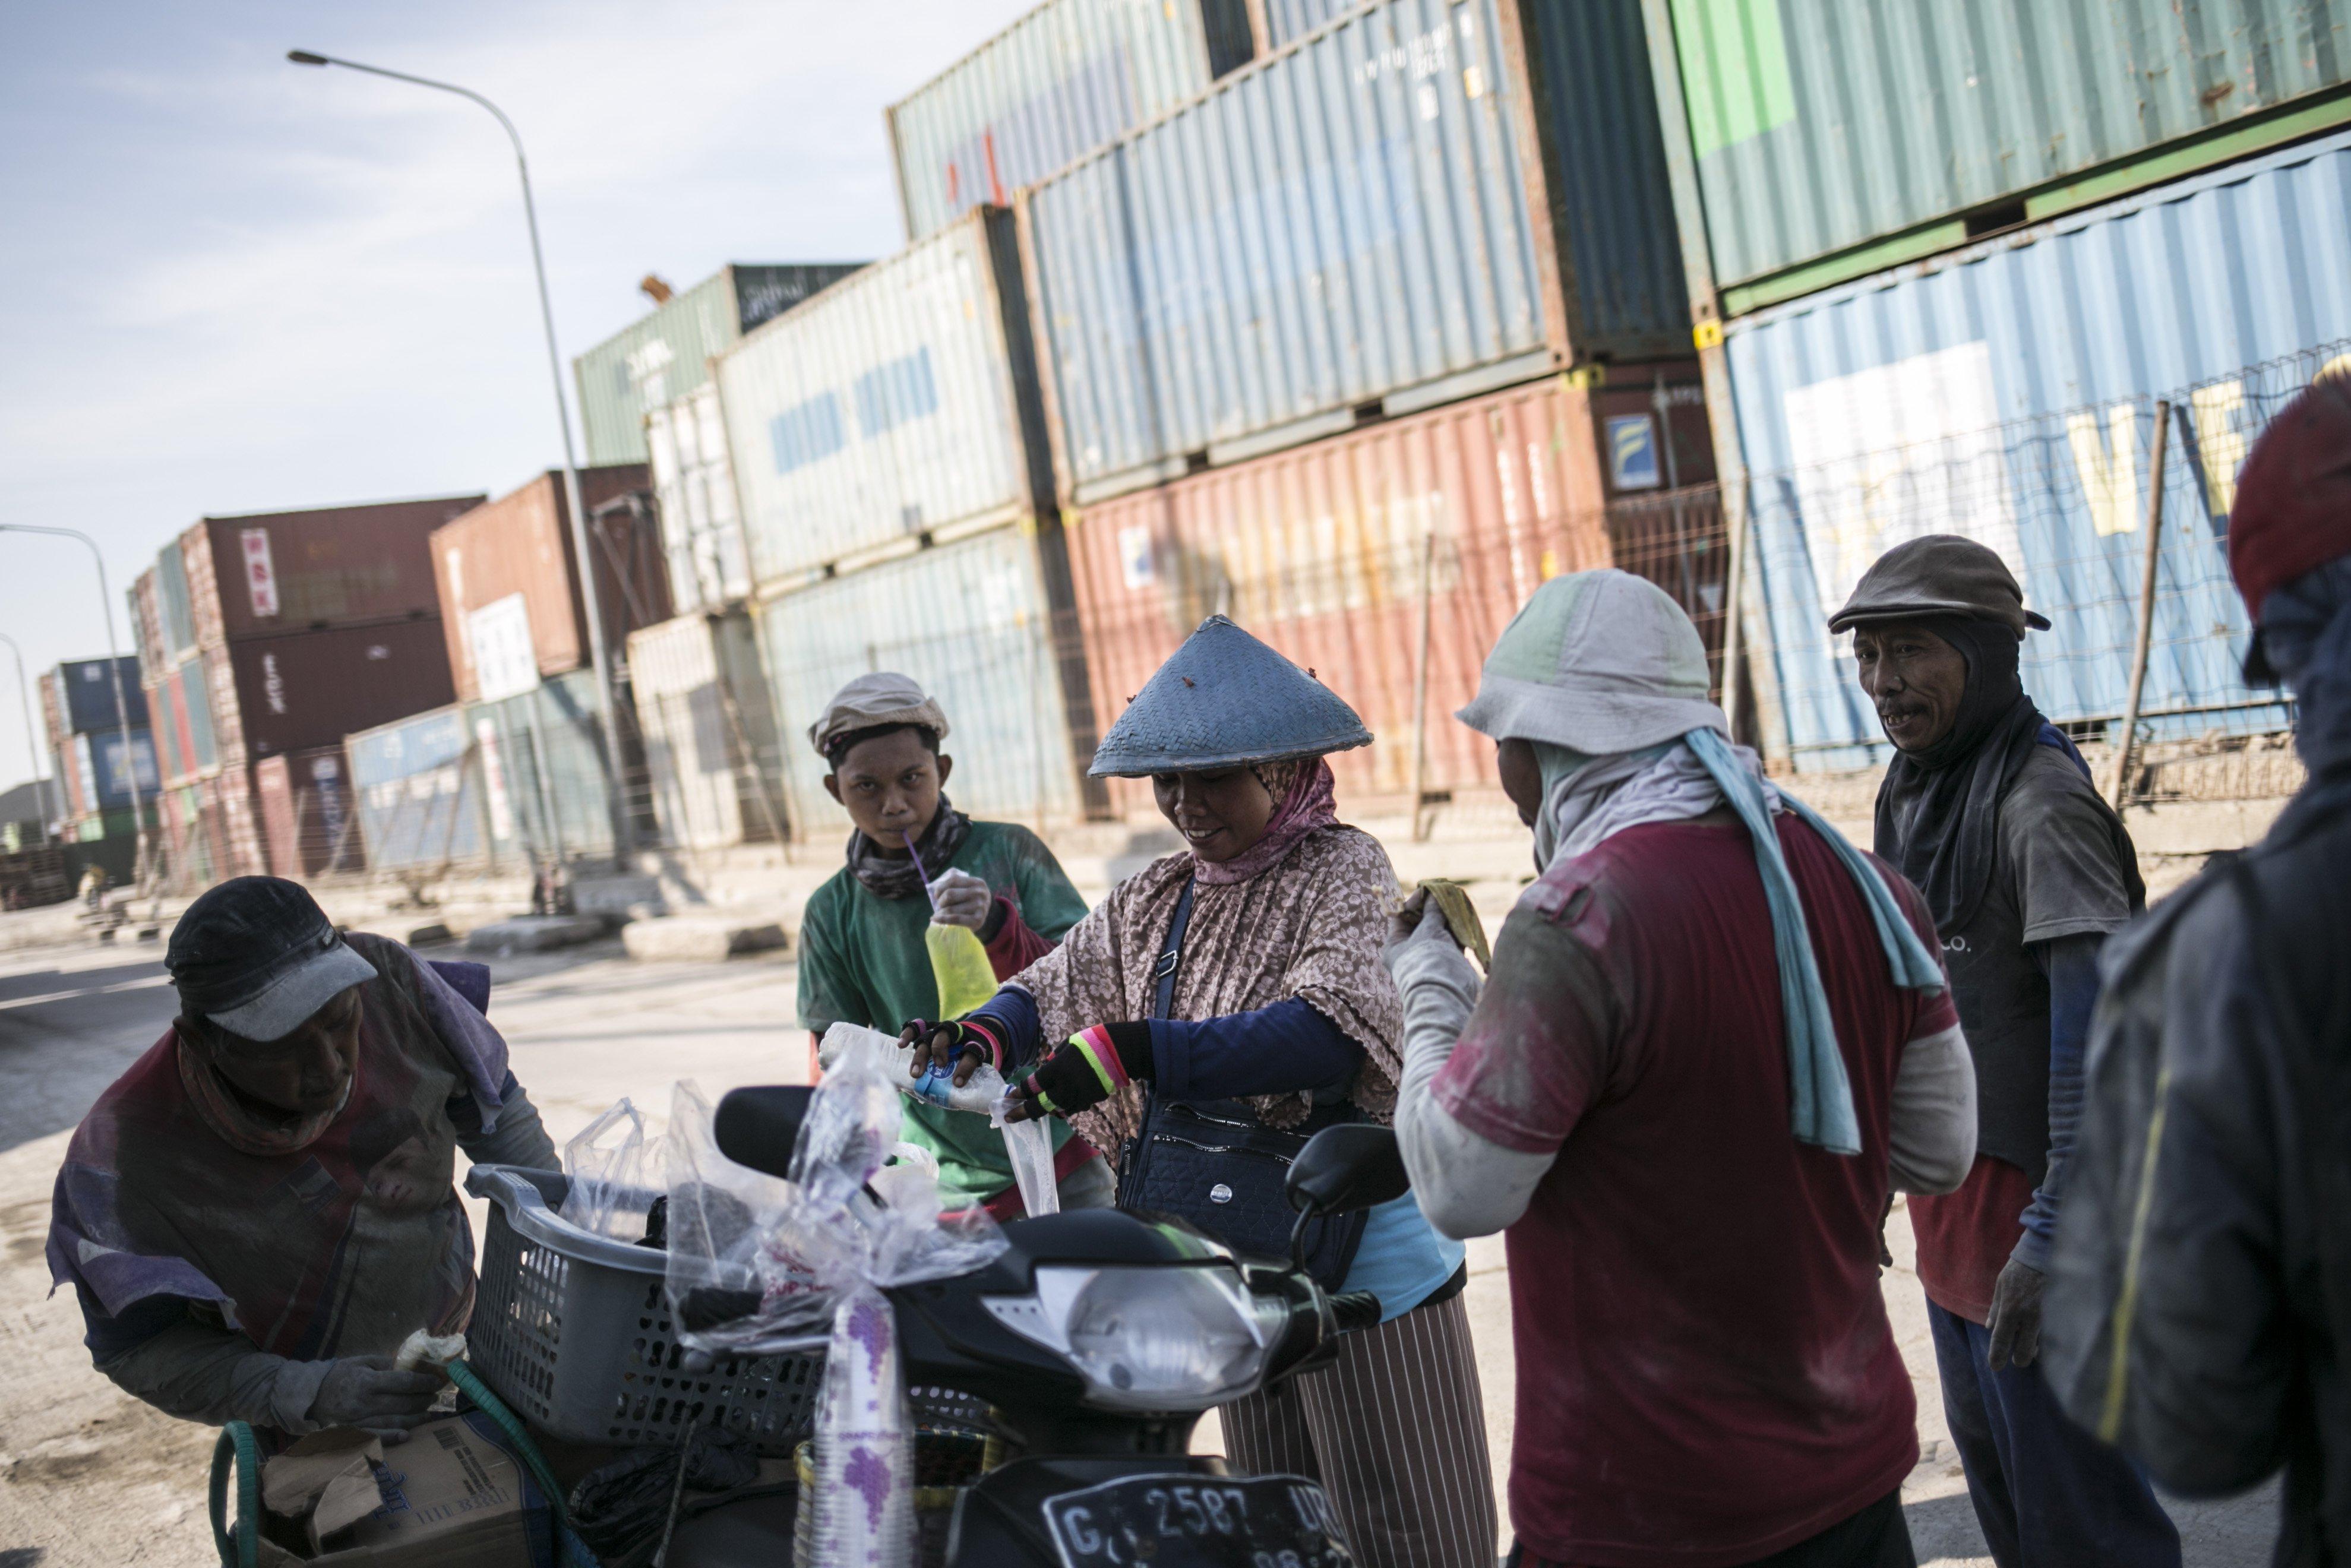 Para pekerja angkut barang membeli minuman dan beristirahat di sela-sela pekerjaan di Pelabuhan Sunda Kelapa, Jakarta Utara, Senin (27/7/2020). Aktivitas di Pelabuhan Sunda Kelapa berangsur normal seperti biasa walaupun di tengah pandemi virus Corona (COVID-19).